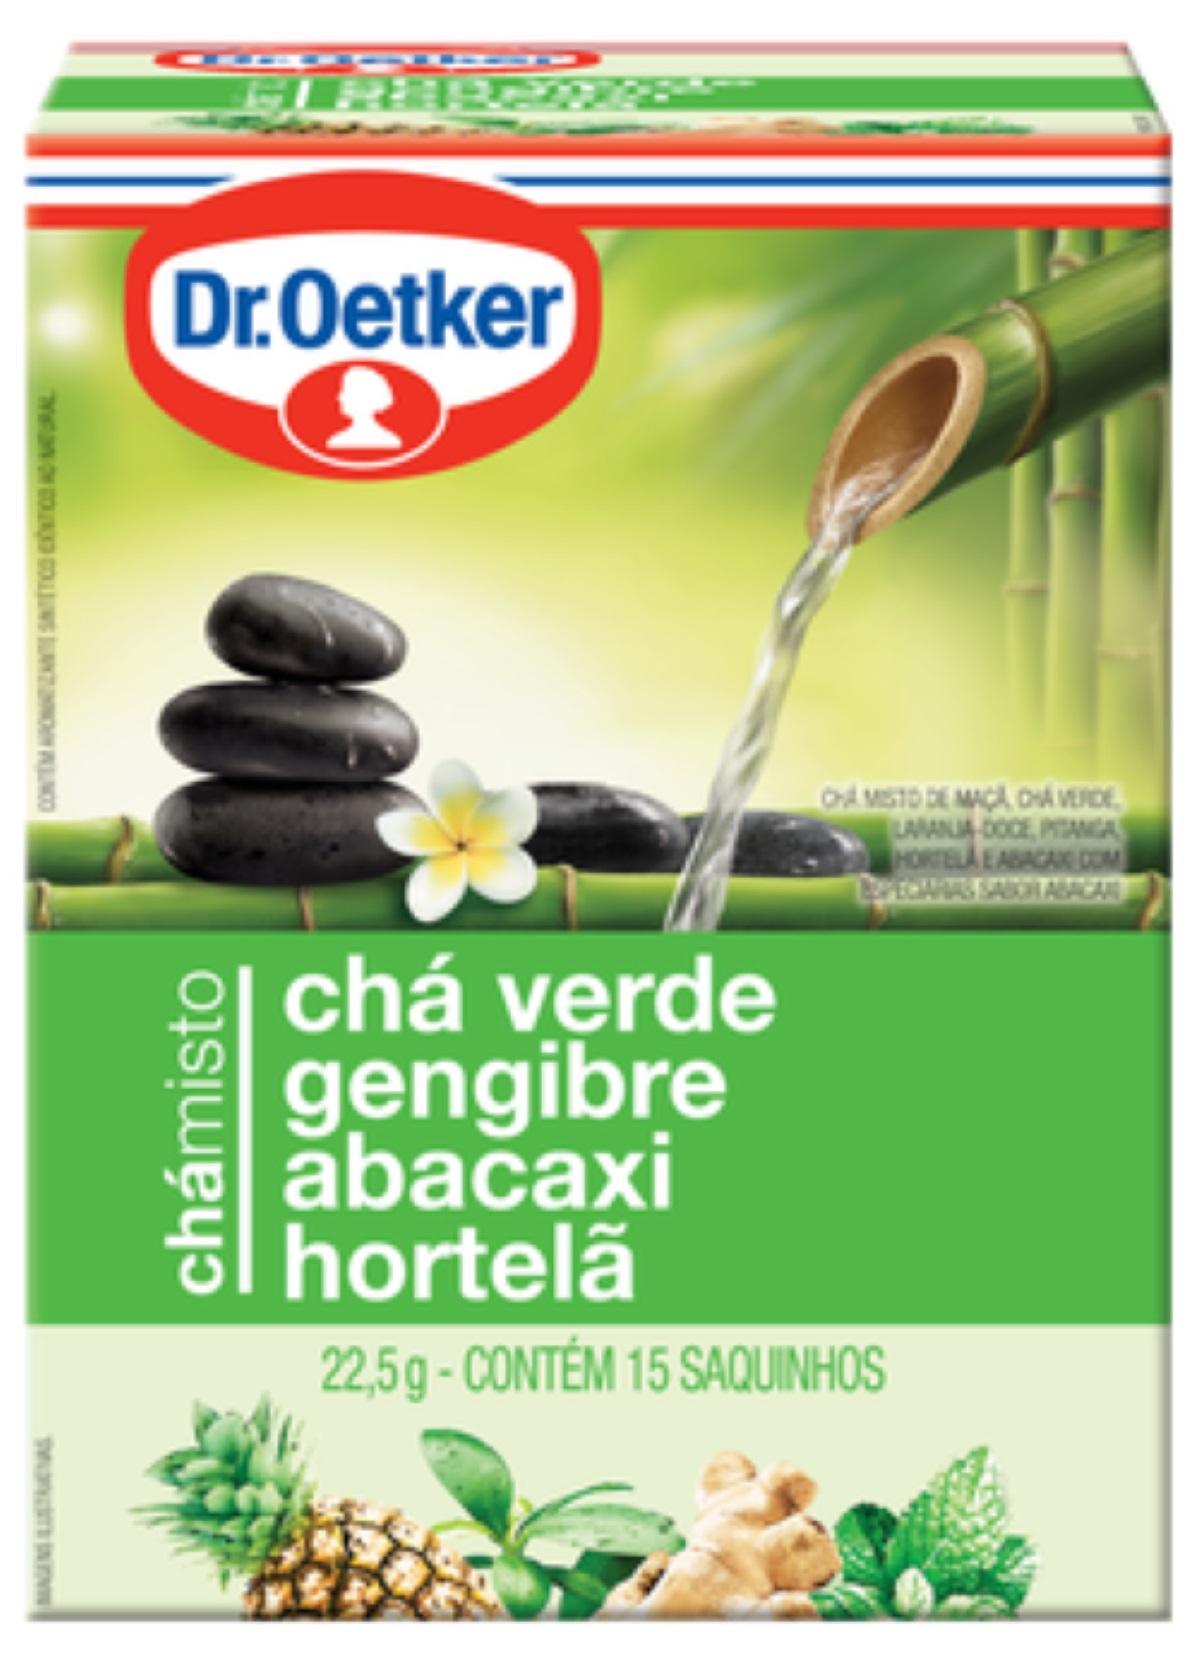 Chá Misto Verde, Gengibre, Abacaxi e Hortelã